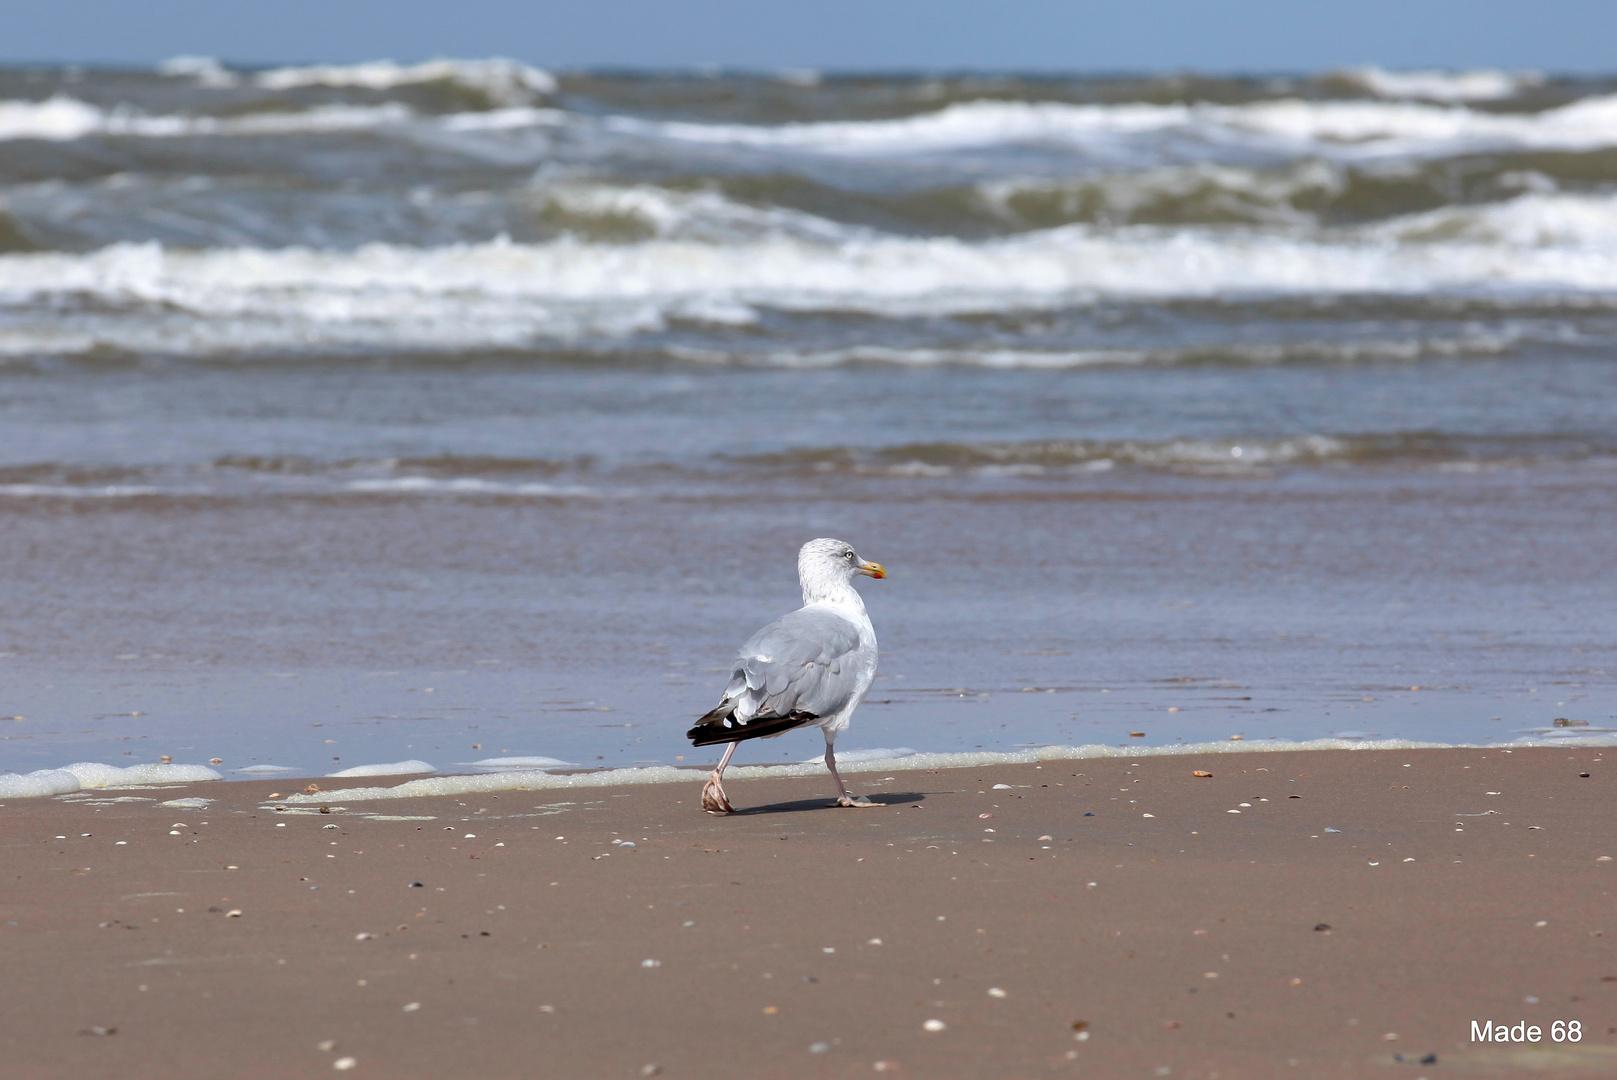 krebse gibts nicht in der luft oder (Strandspaziergang) :-)